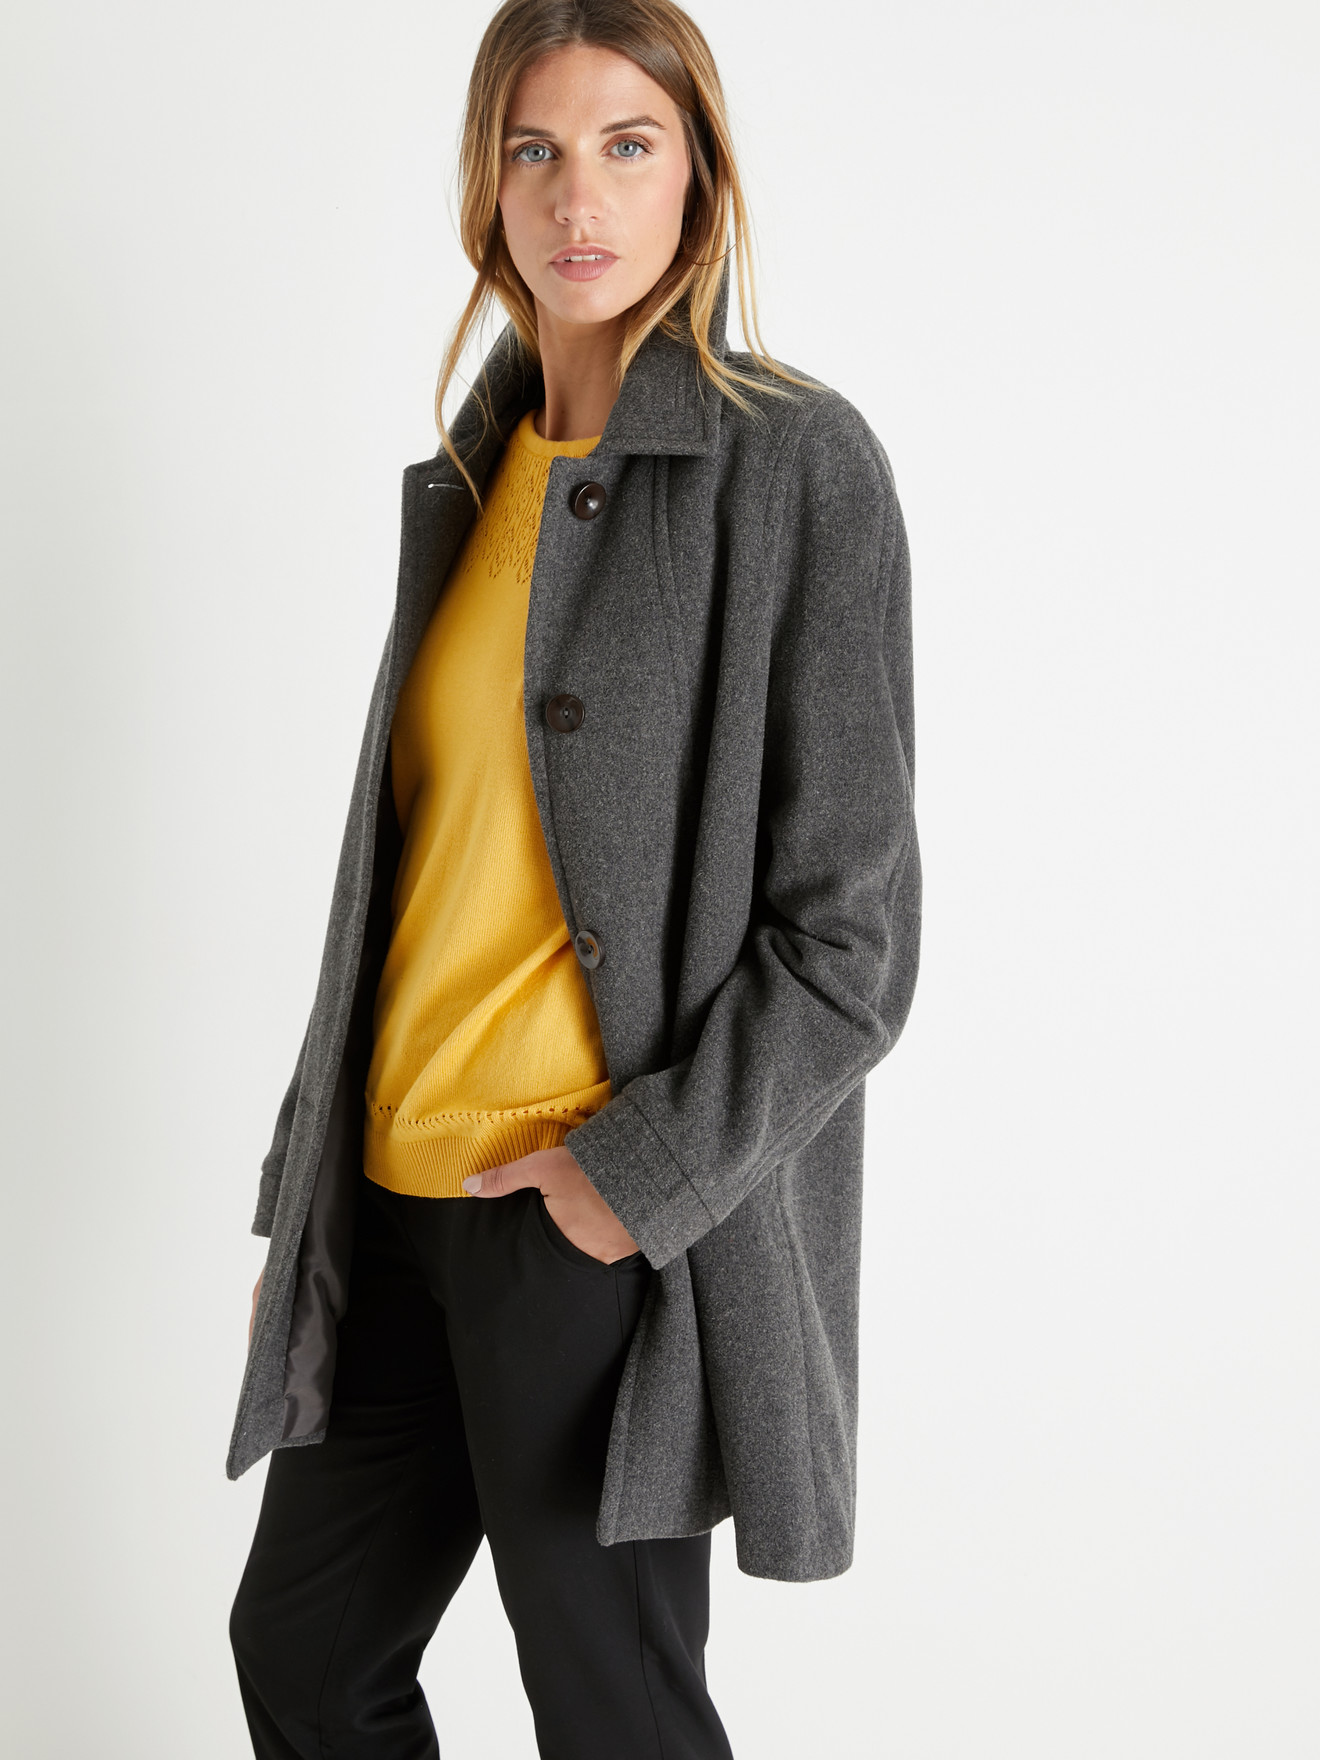 Manteau 34 drap de laine et cachemire Balsamik